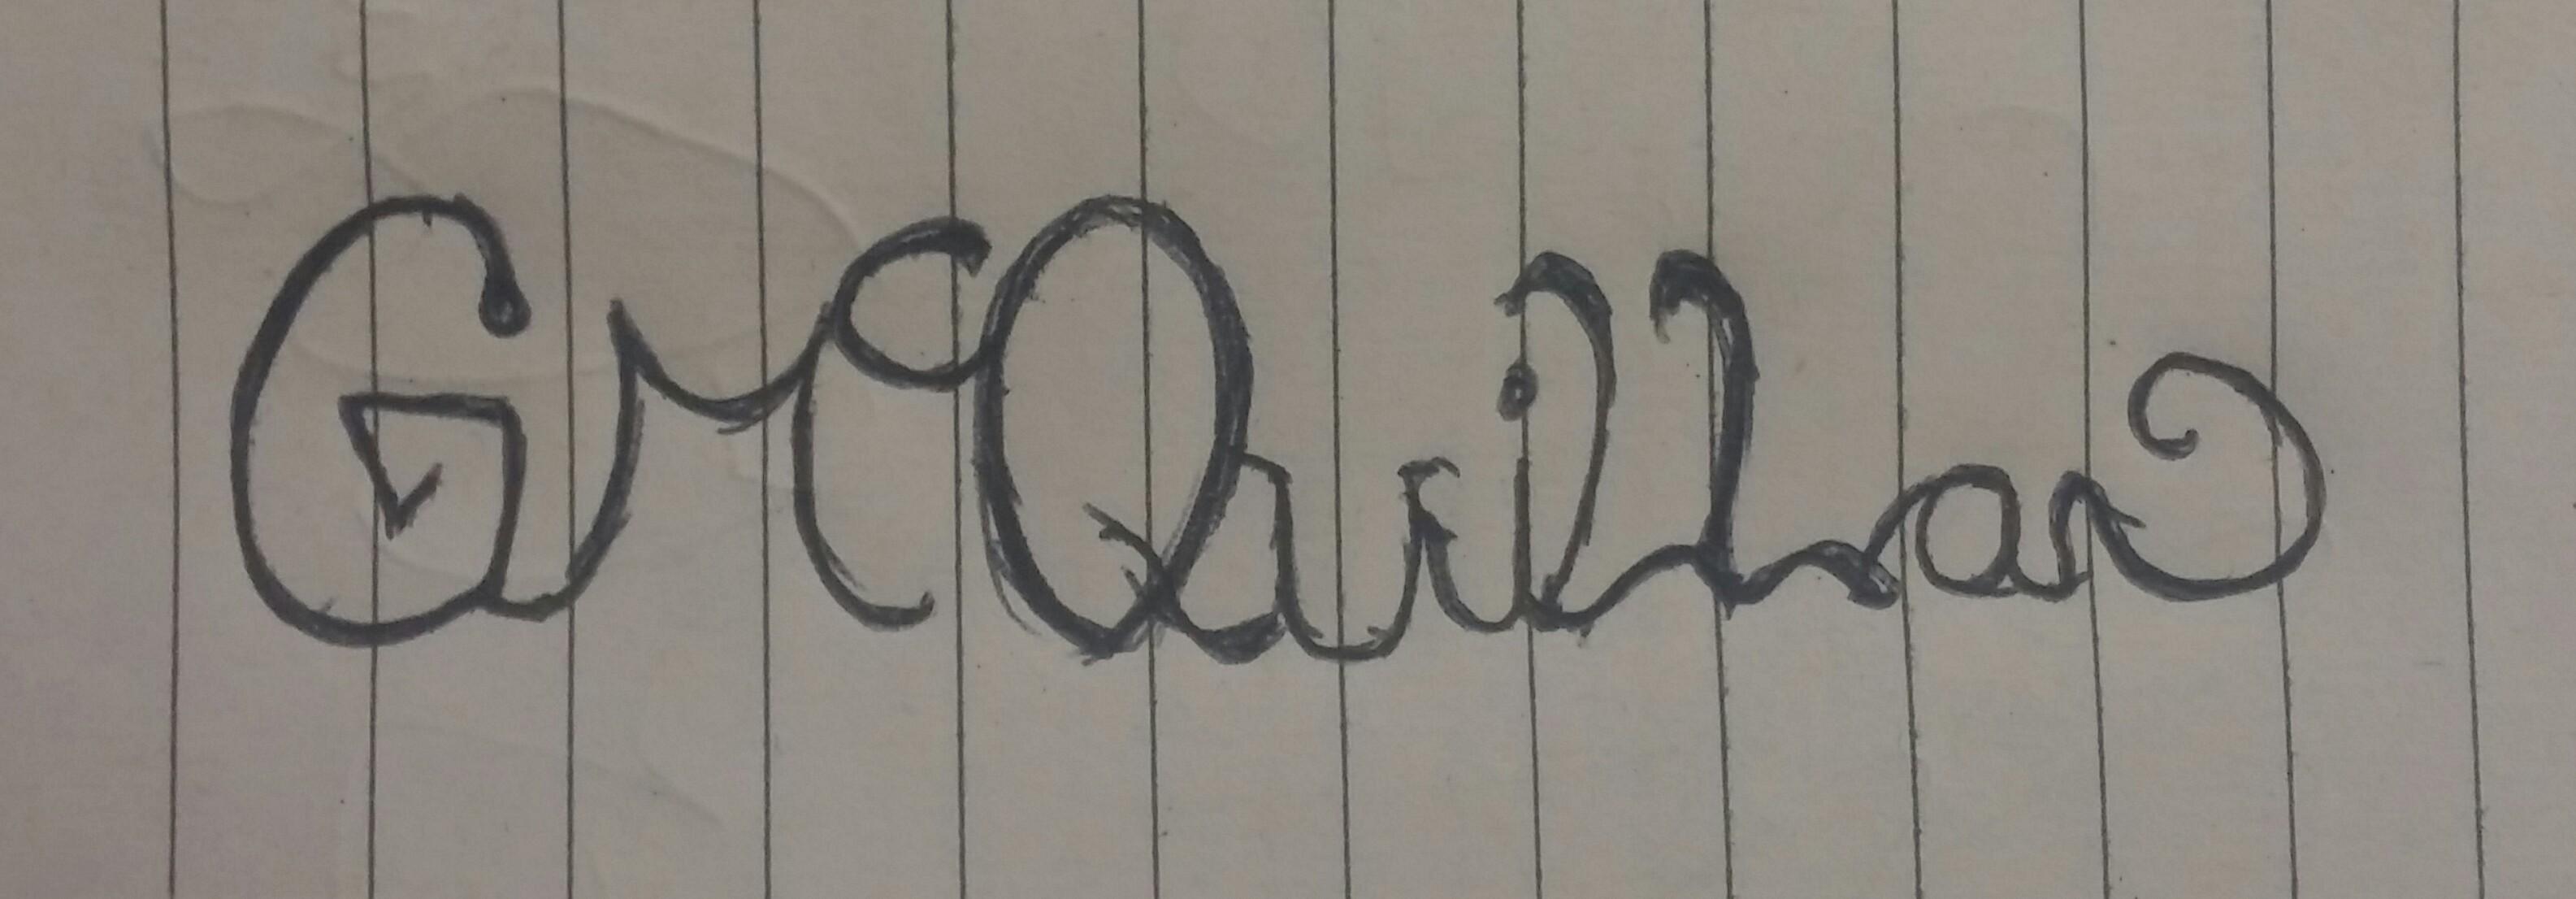 gary mcquillan Signature